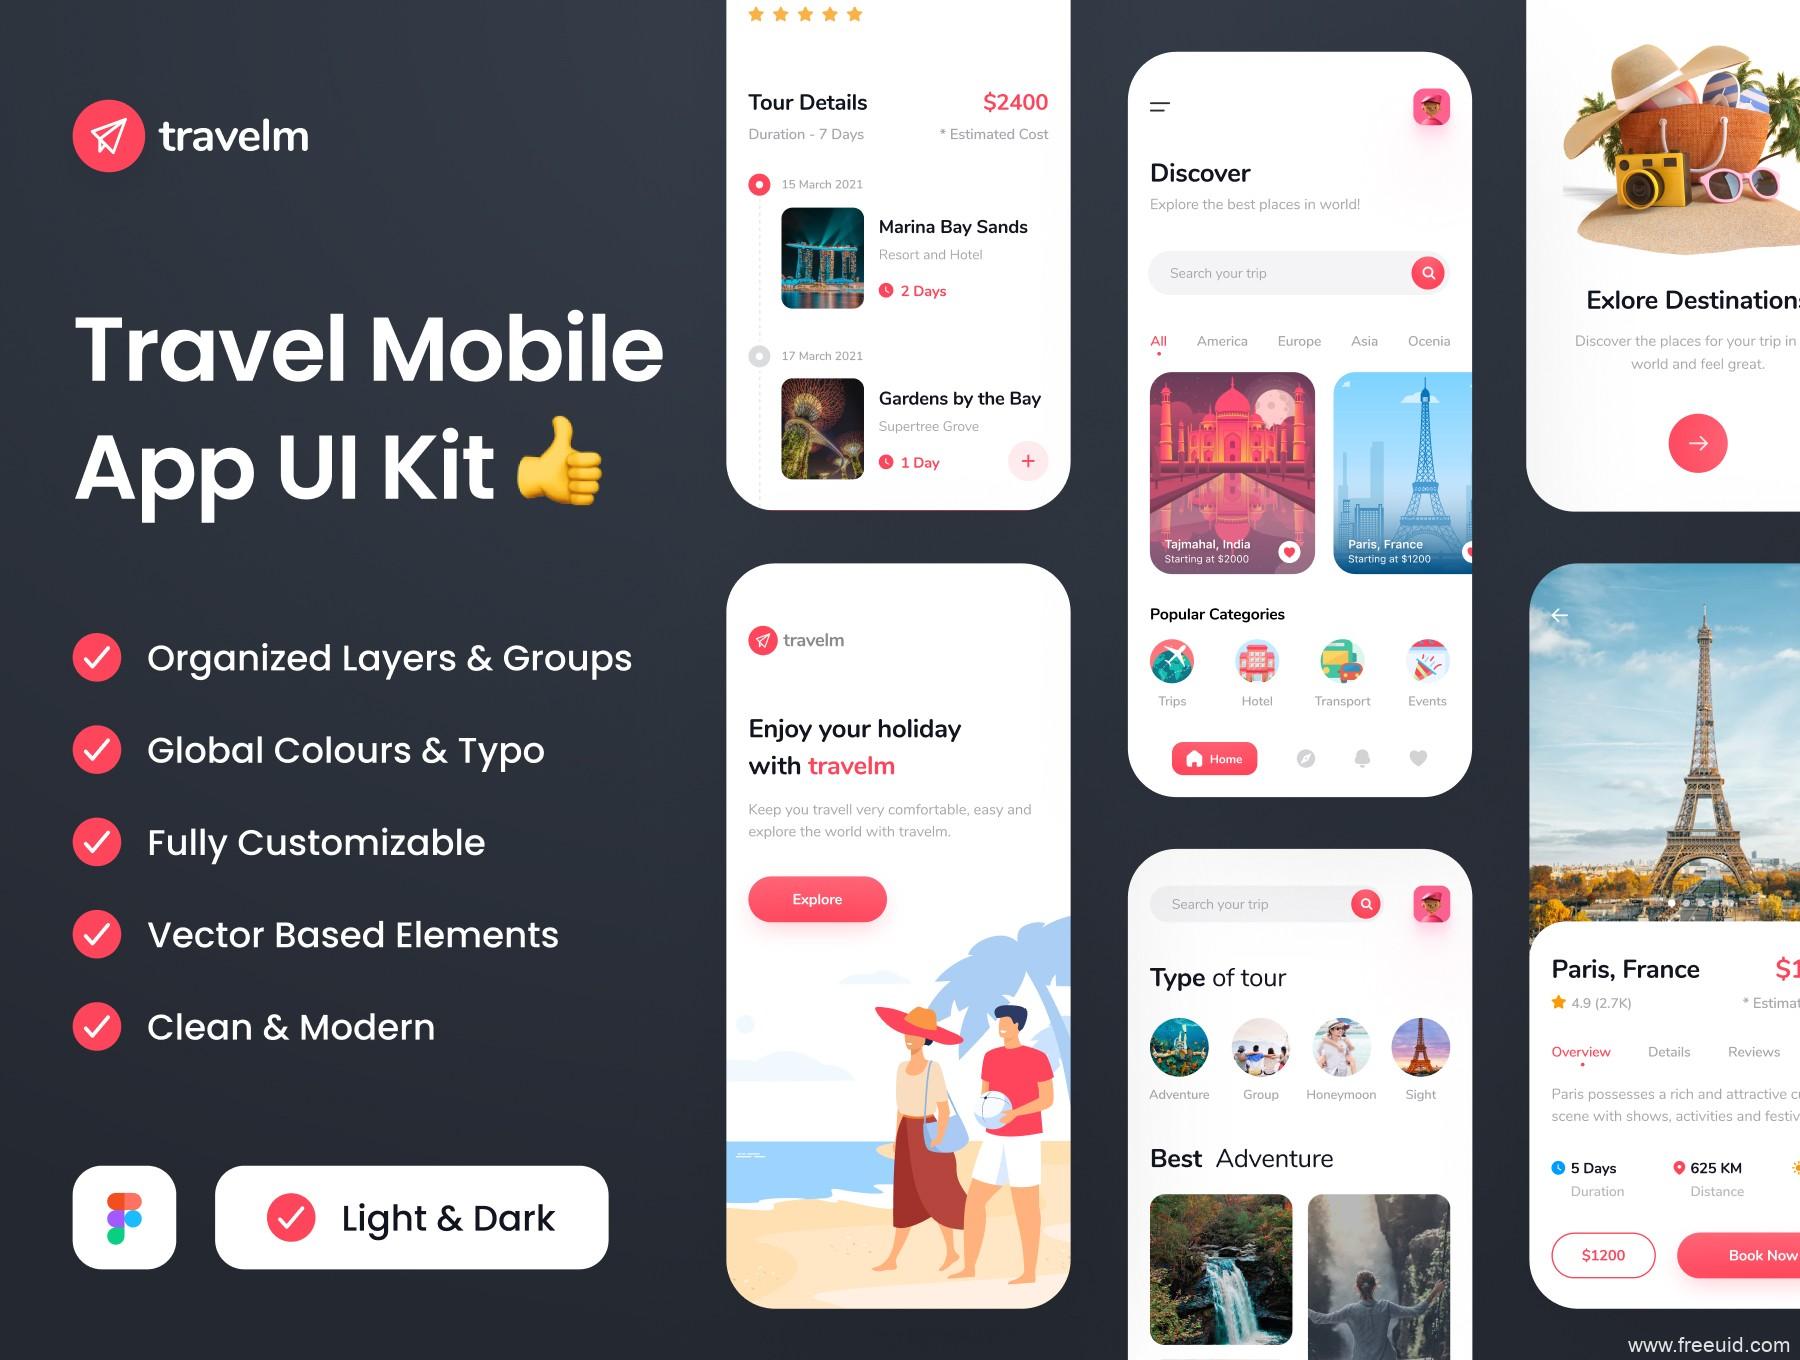 一套旅游app UI资源下载,旅行UI kit资源套件下载,旅游民宿app UI源文件